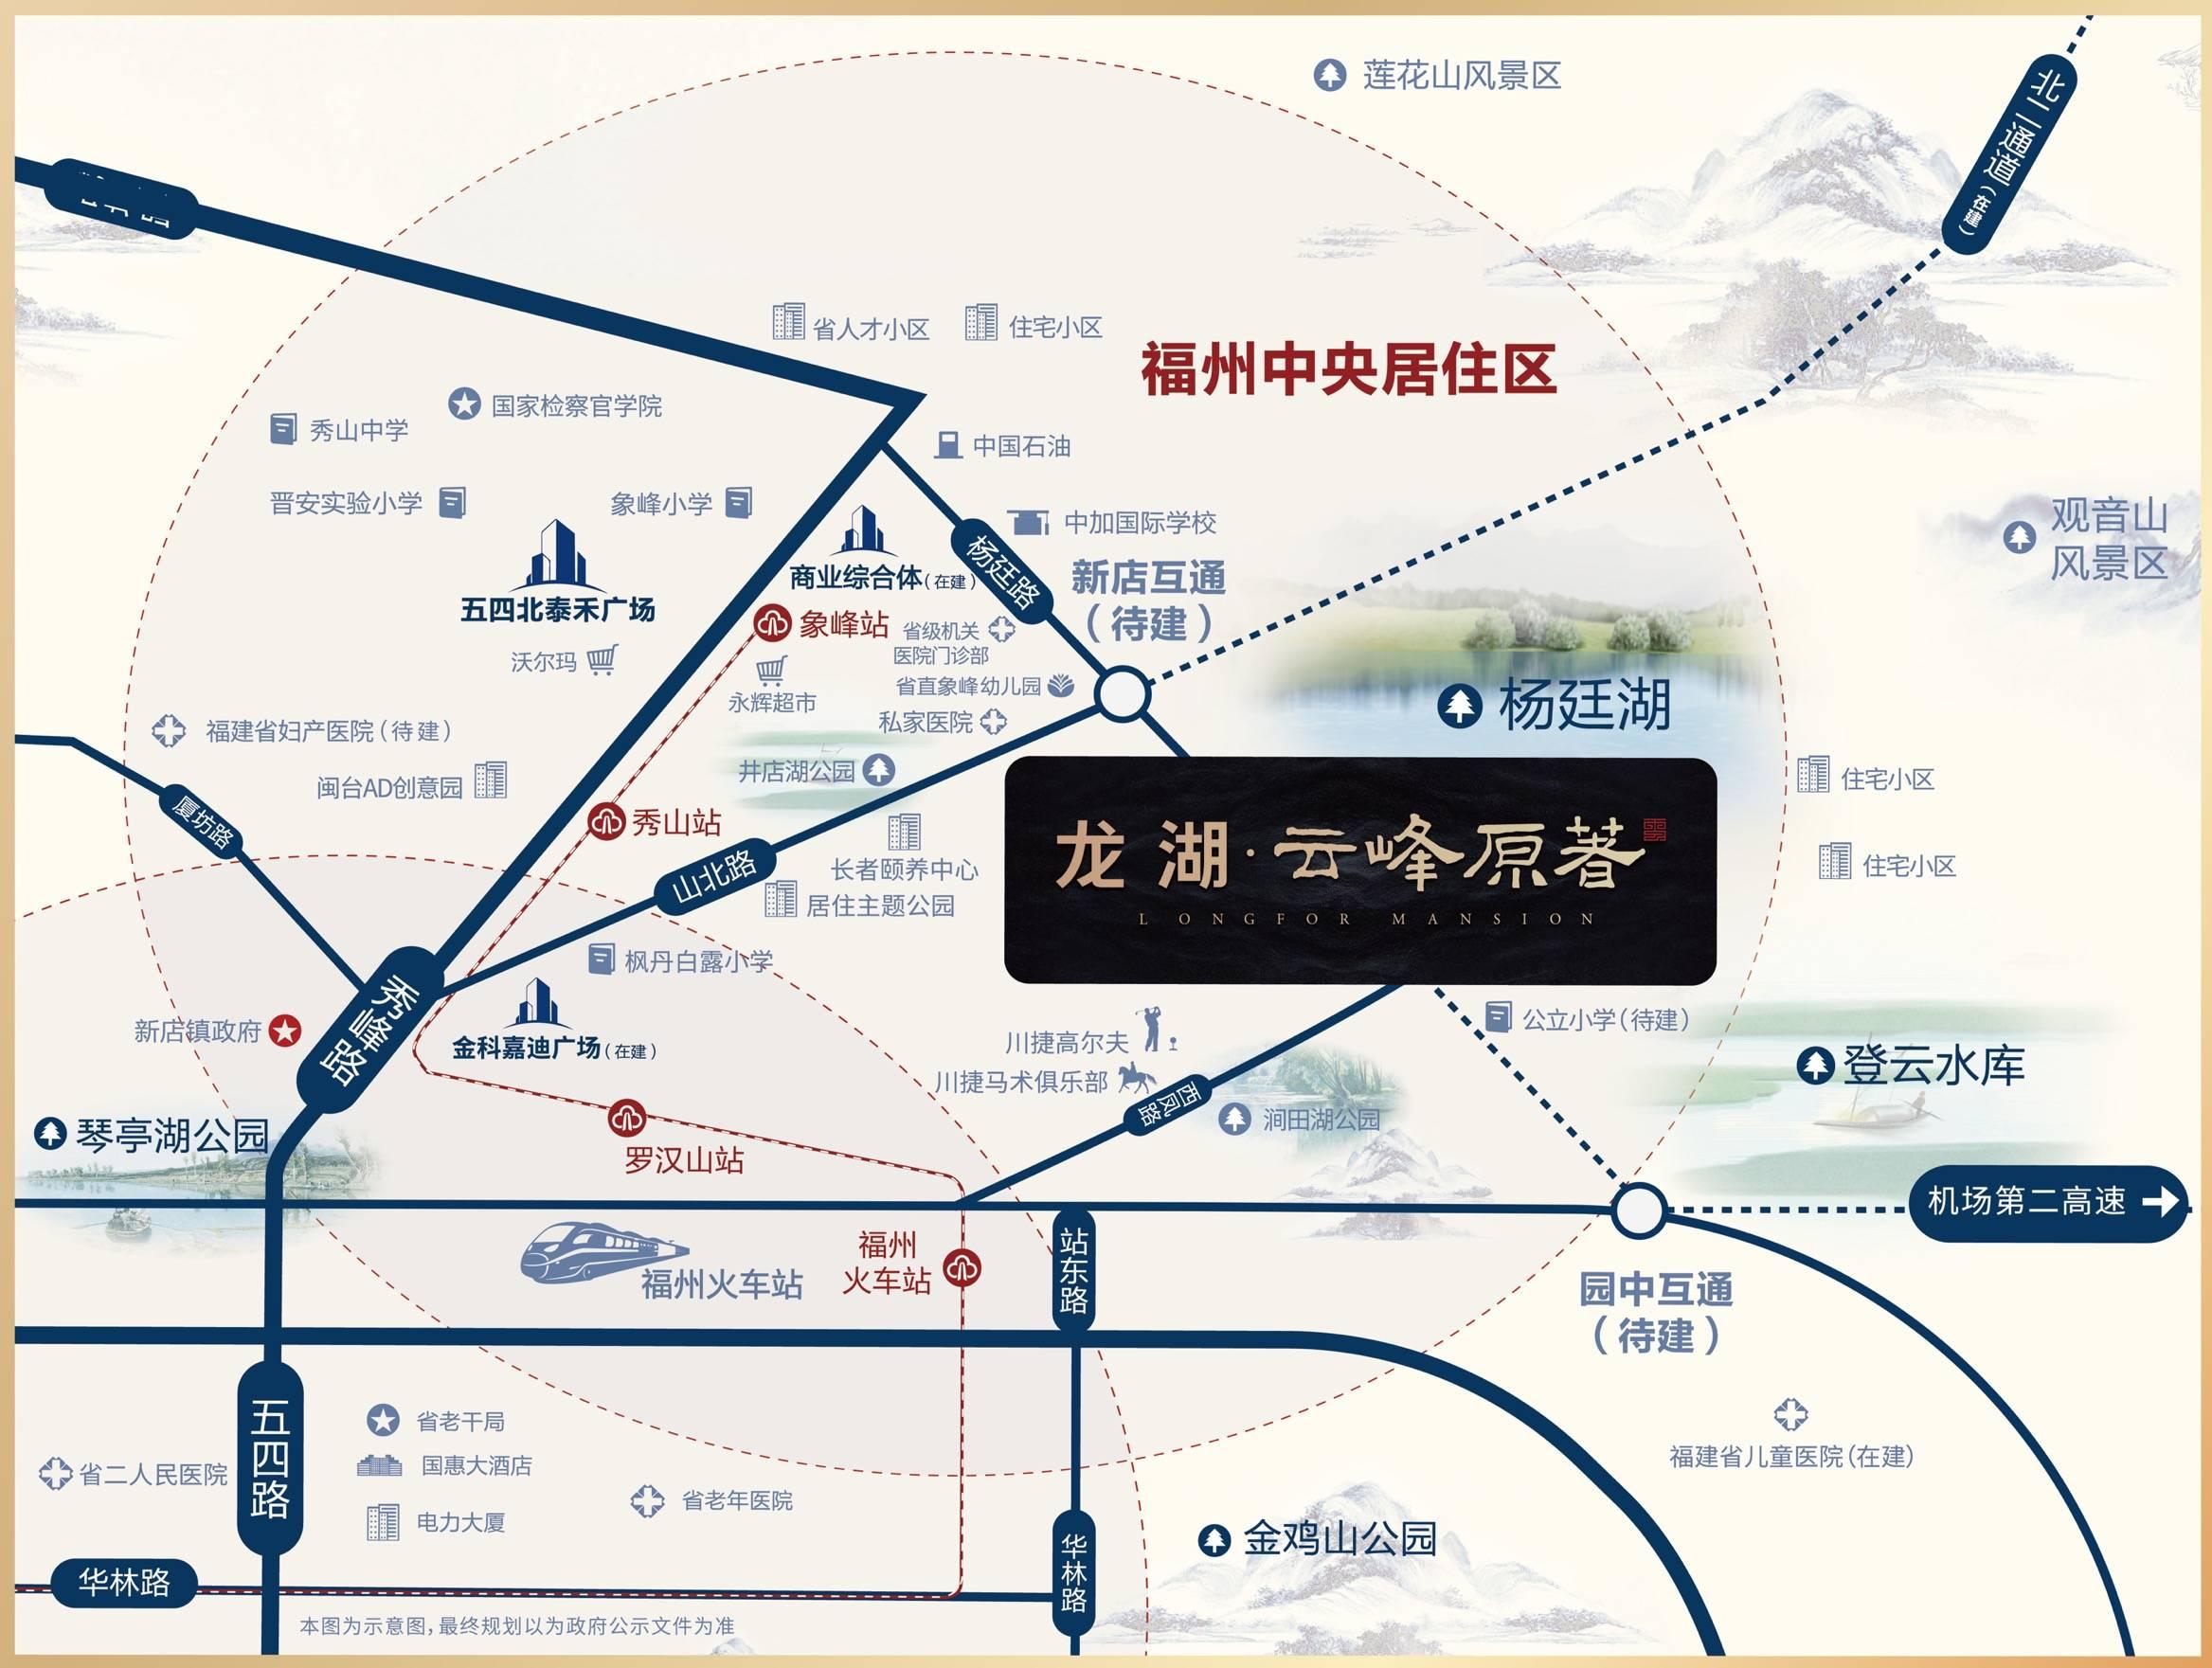 福州五四北龙湖云峰原著 -【龙湖·云峰原著】